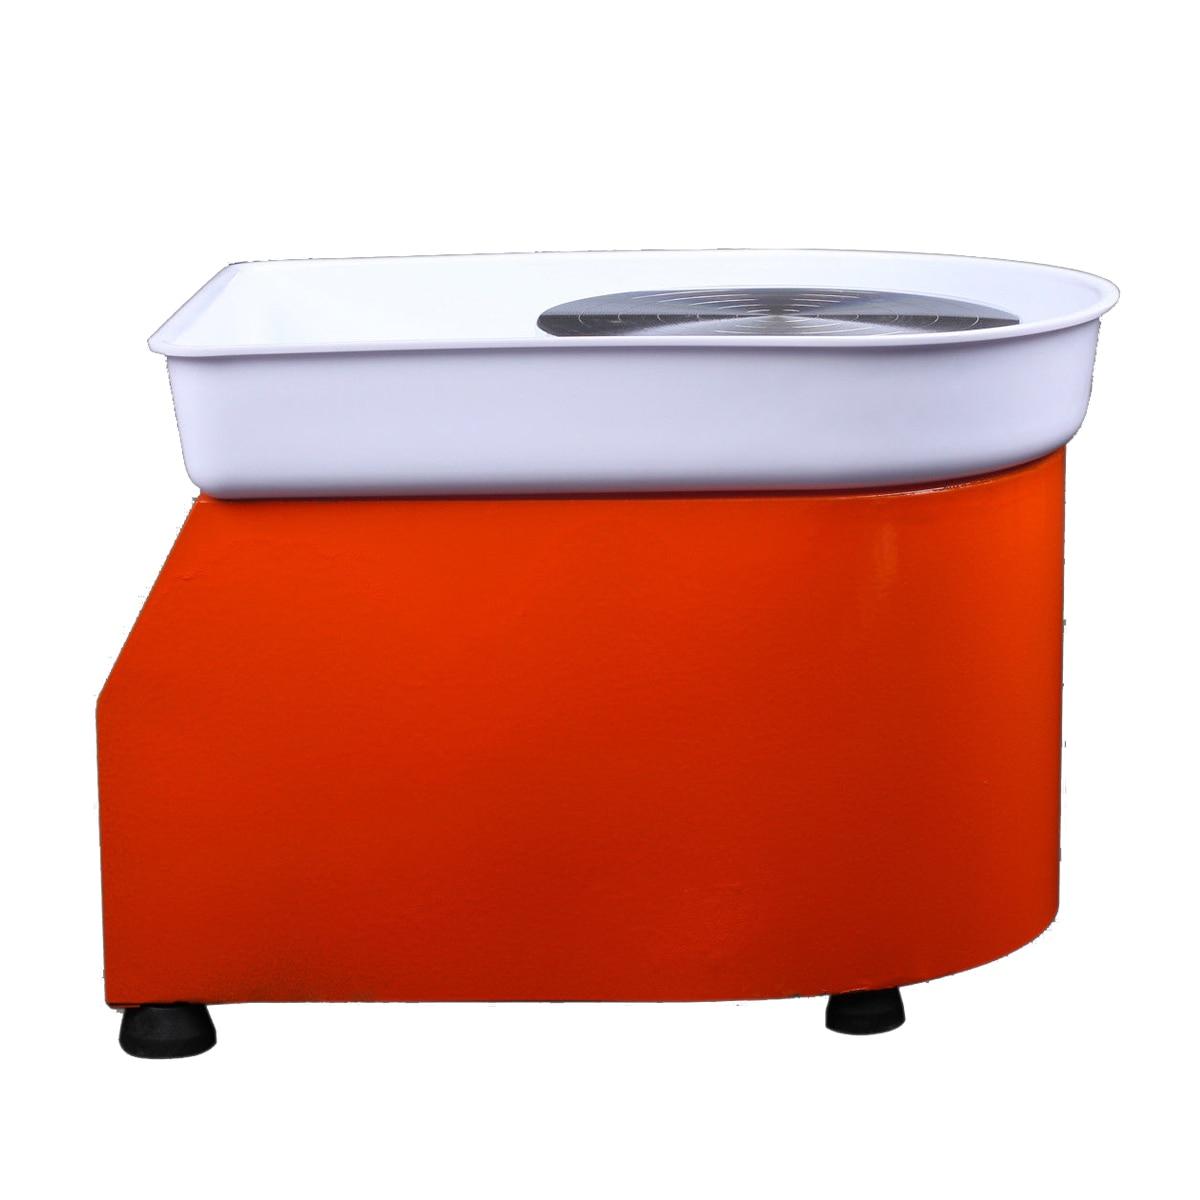 250 W 220 V poterie roue en céramique argile Machine pied pédale en céramique argile Art moule pour le travail de la céramique - 2